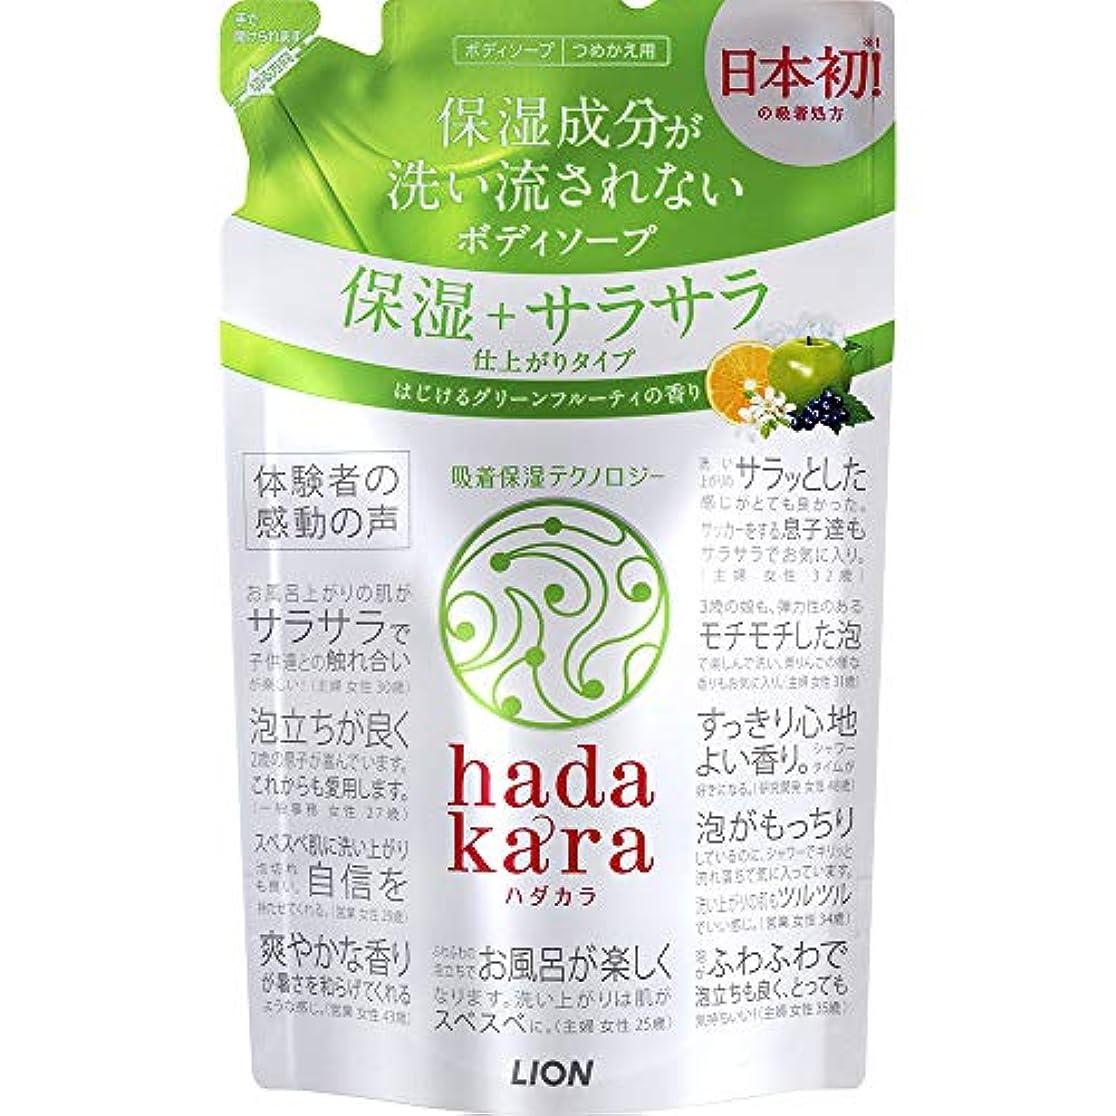 創造懐疑論不合格hadakara(ハダカラ) ボディソープ 保湿+サラサラ仕上がりタイプ グリーンフルーティの香り 詰め替え 340ml